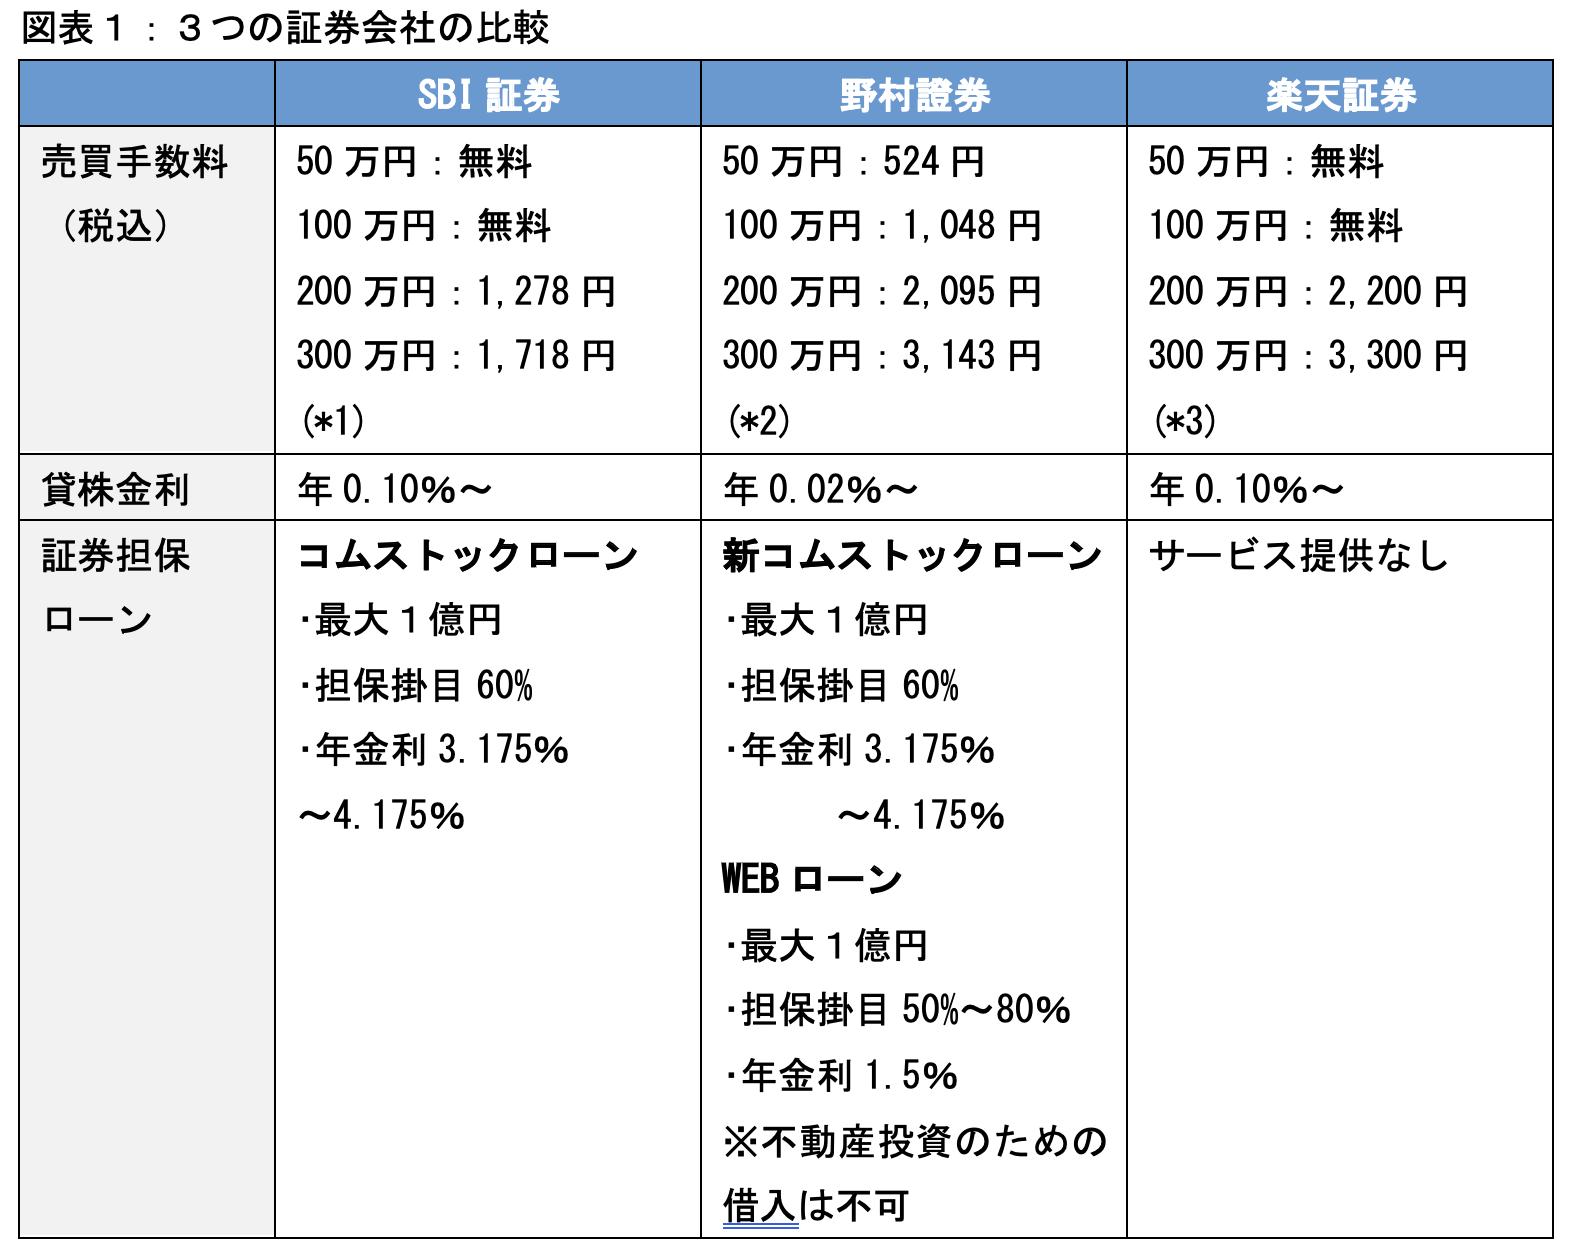 (*1)アクティブプラン(1日定額制プラン)の手数料 (*2)オンライン専用支店におけるオンライン取引の手数料 (*3)いちにち定額コース(1日定額制プラン)の手数料 出所:各社HPを基に日本橋くるみ行政書士事務所作成